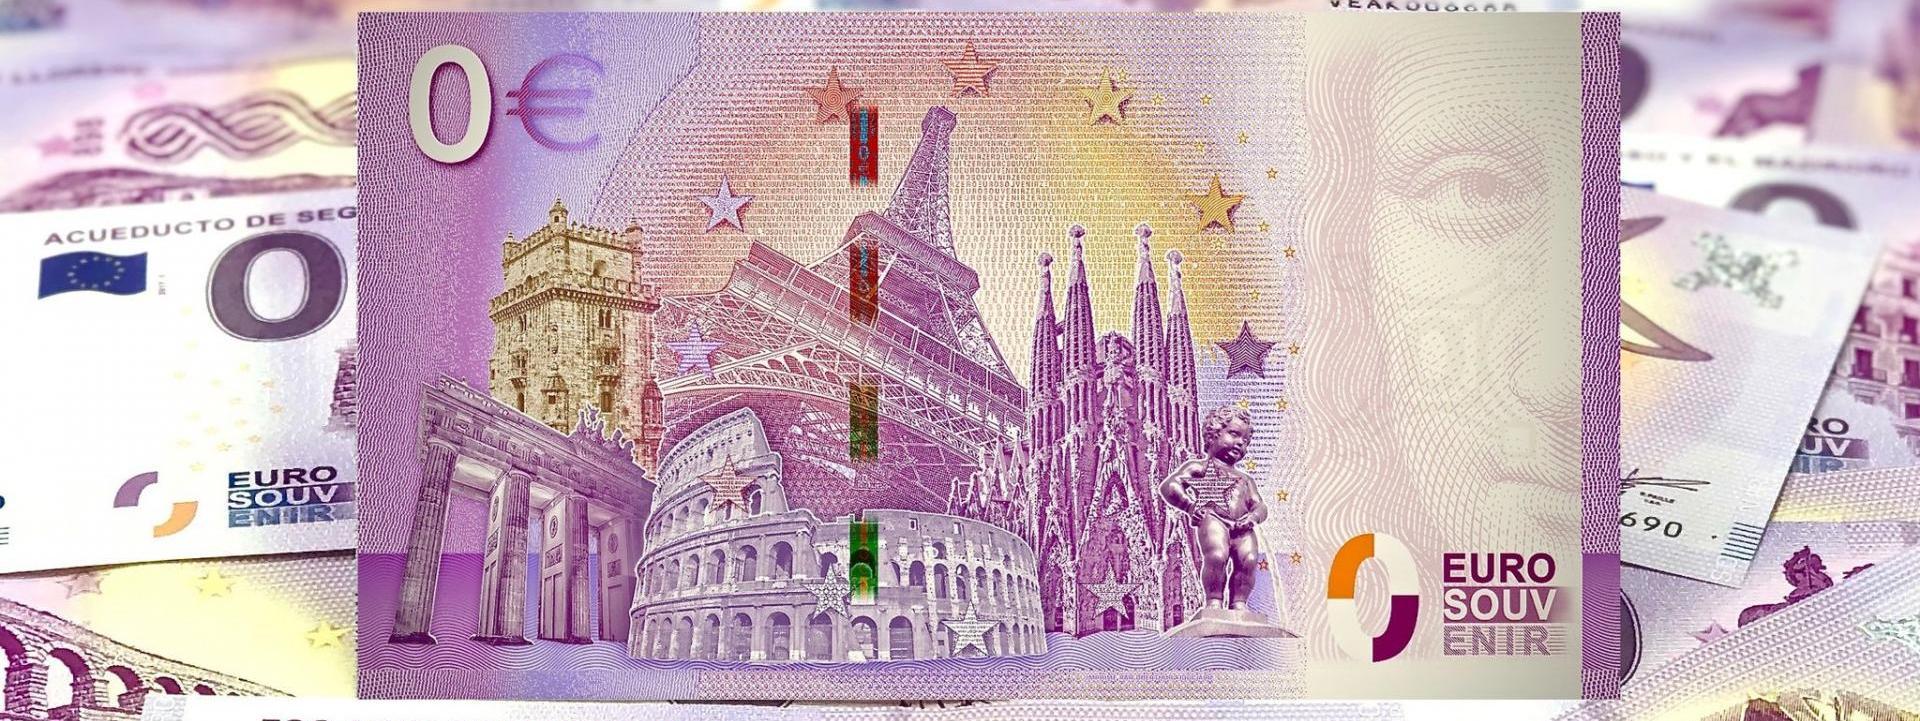 BILLETES 0 EUROS (artículo publicado en burgosnoticias.com